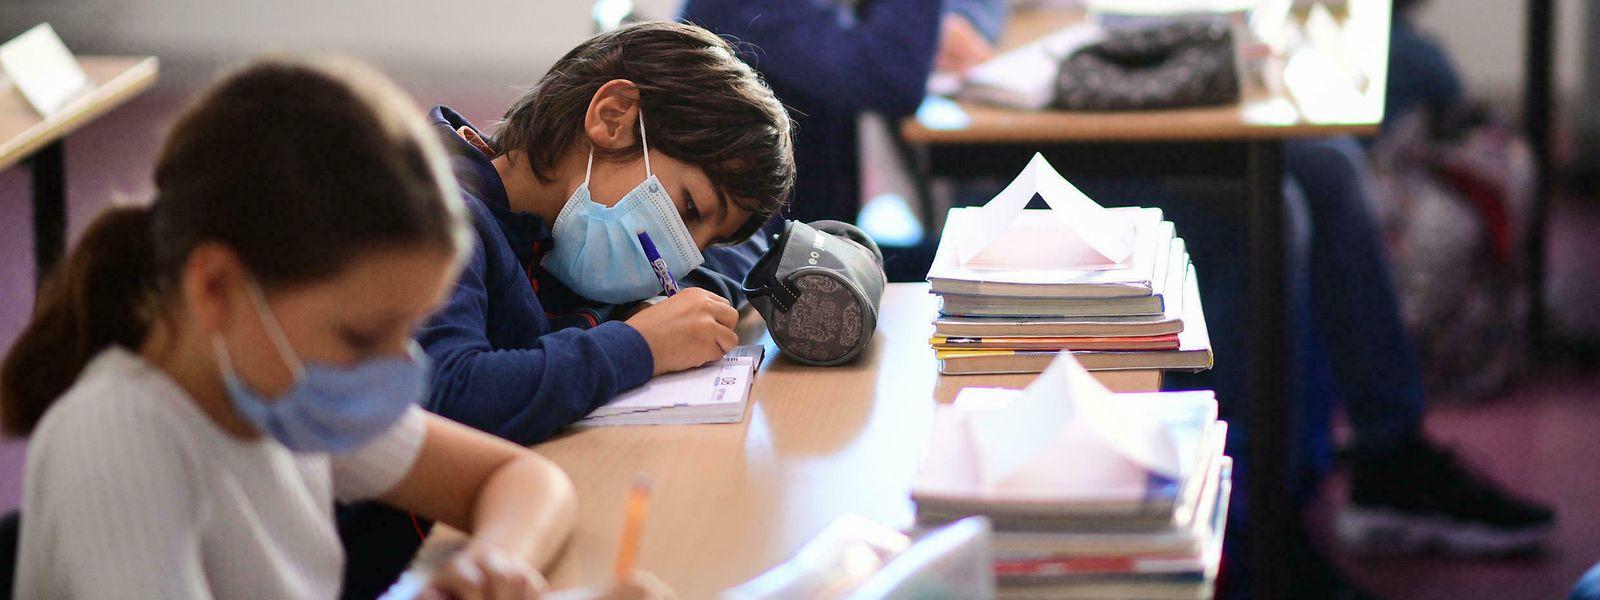 Alors que le Luxembourg a abandonné la mesure, en France le masque reste obligatoire en classe, sauf en maternelle.